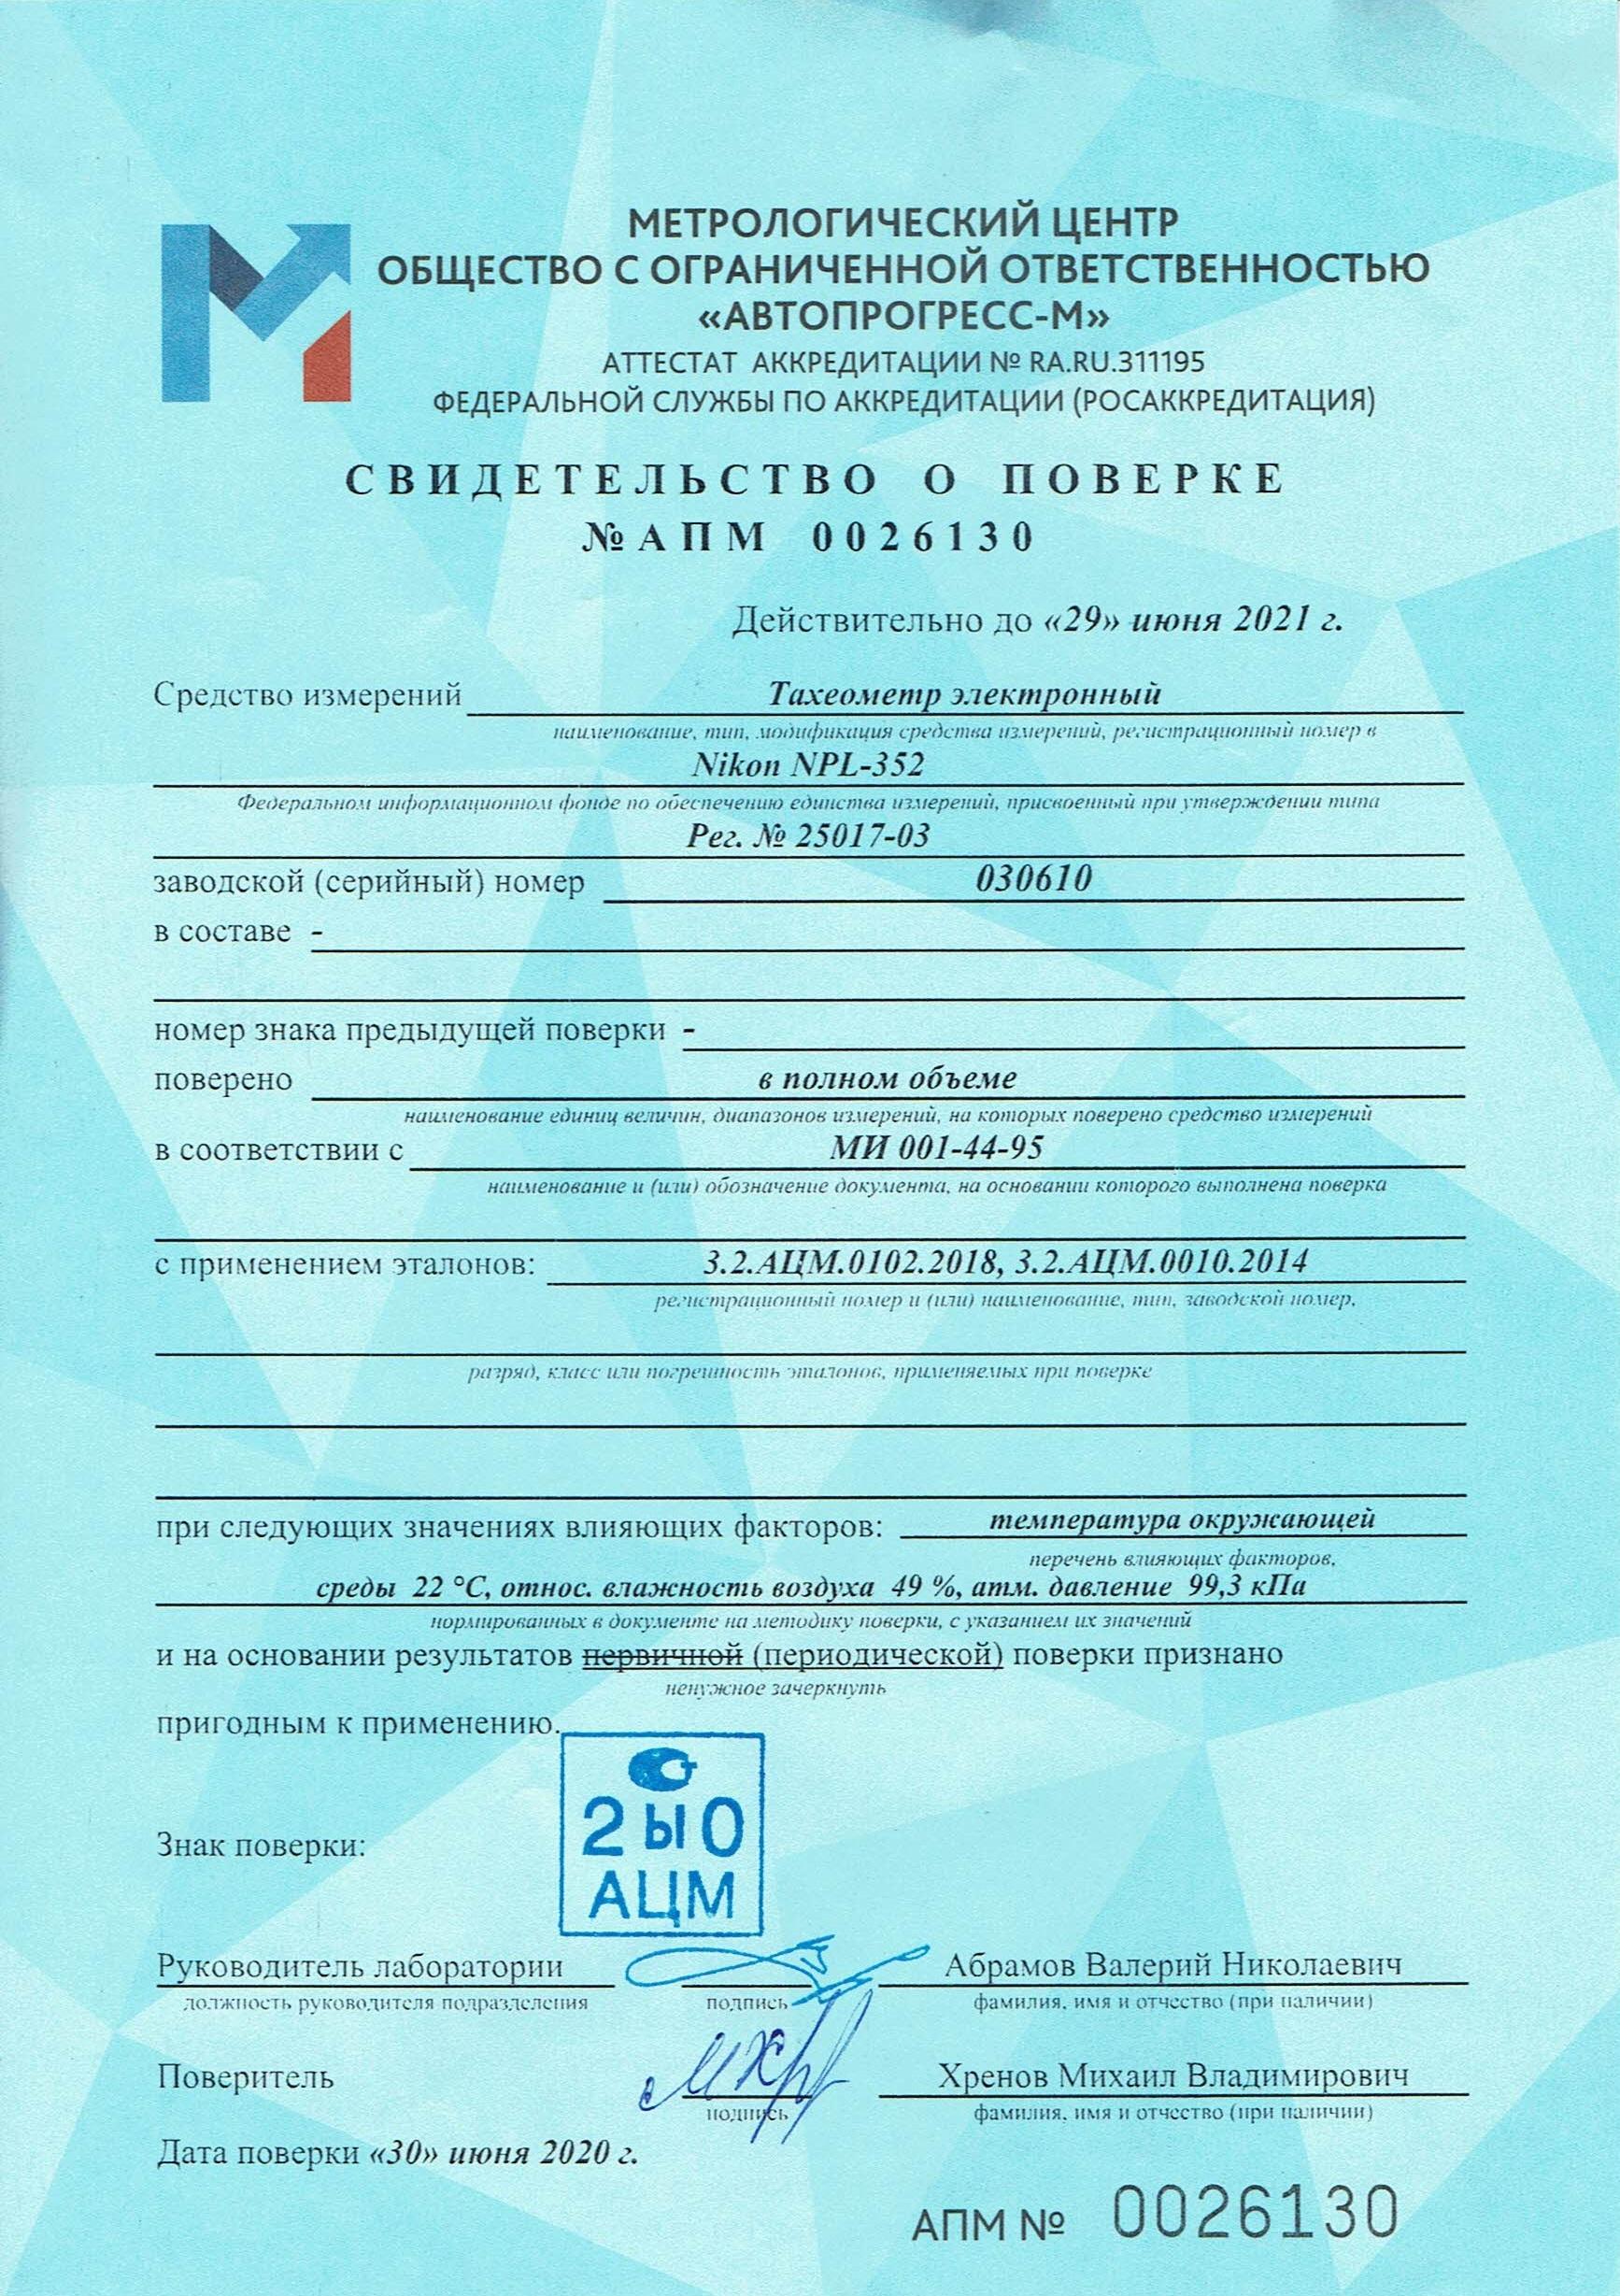 Поверка тахеометра до 29 июня 2021